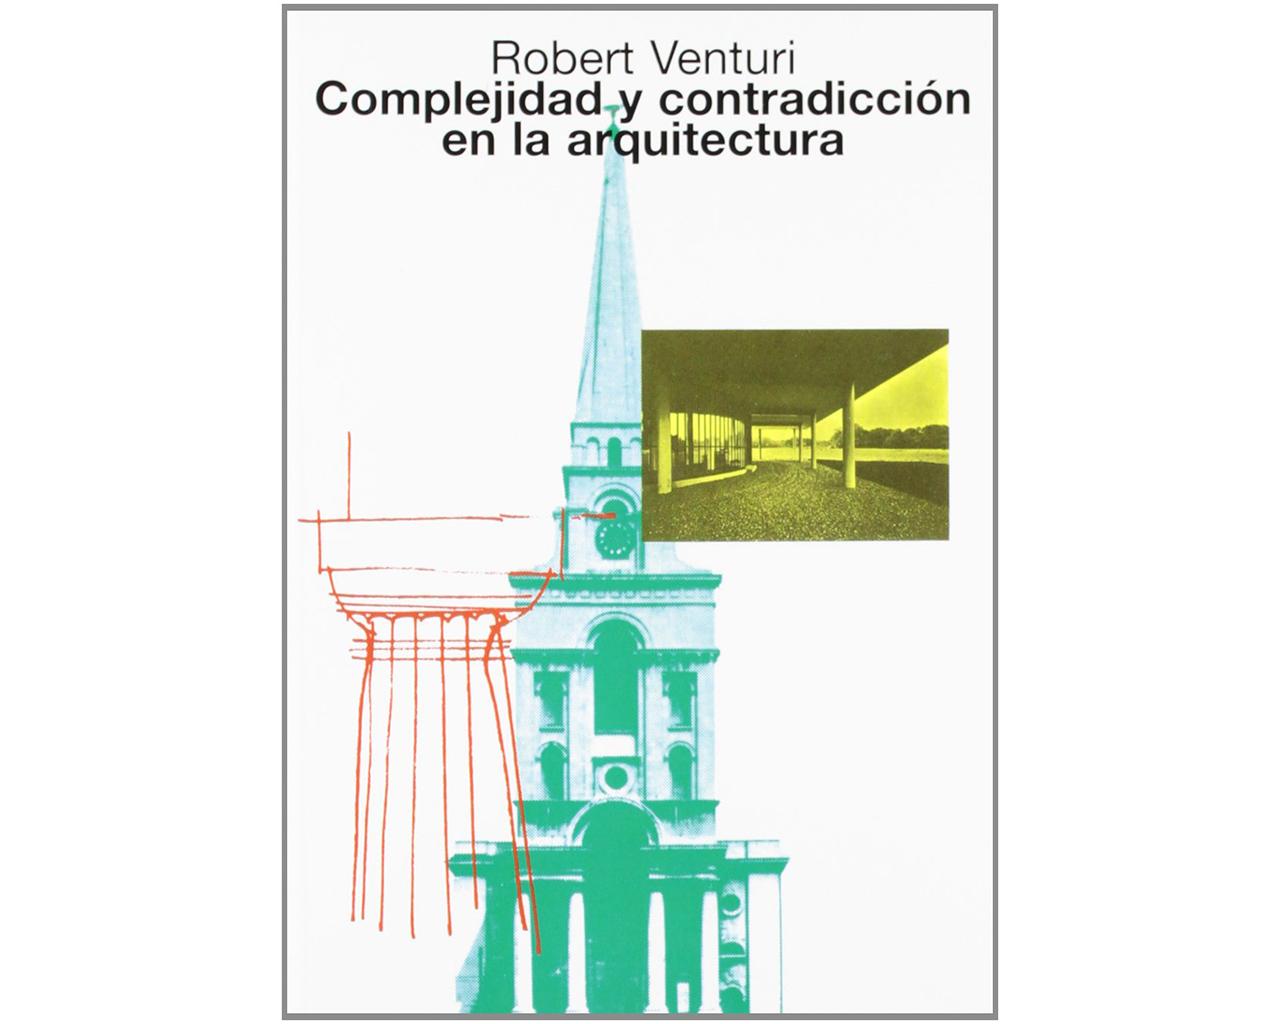 Portada del libro Complejidad y contradicción en la arquitectura de Robert Venturi